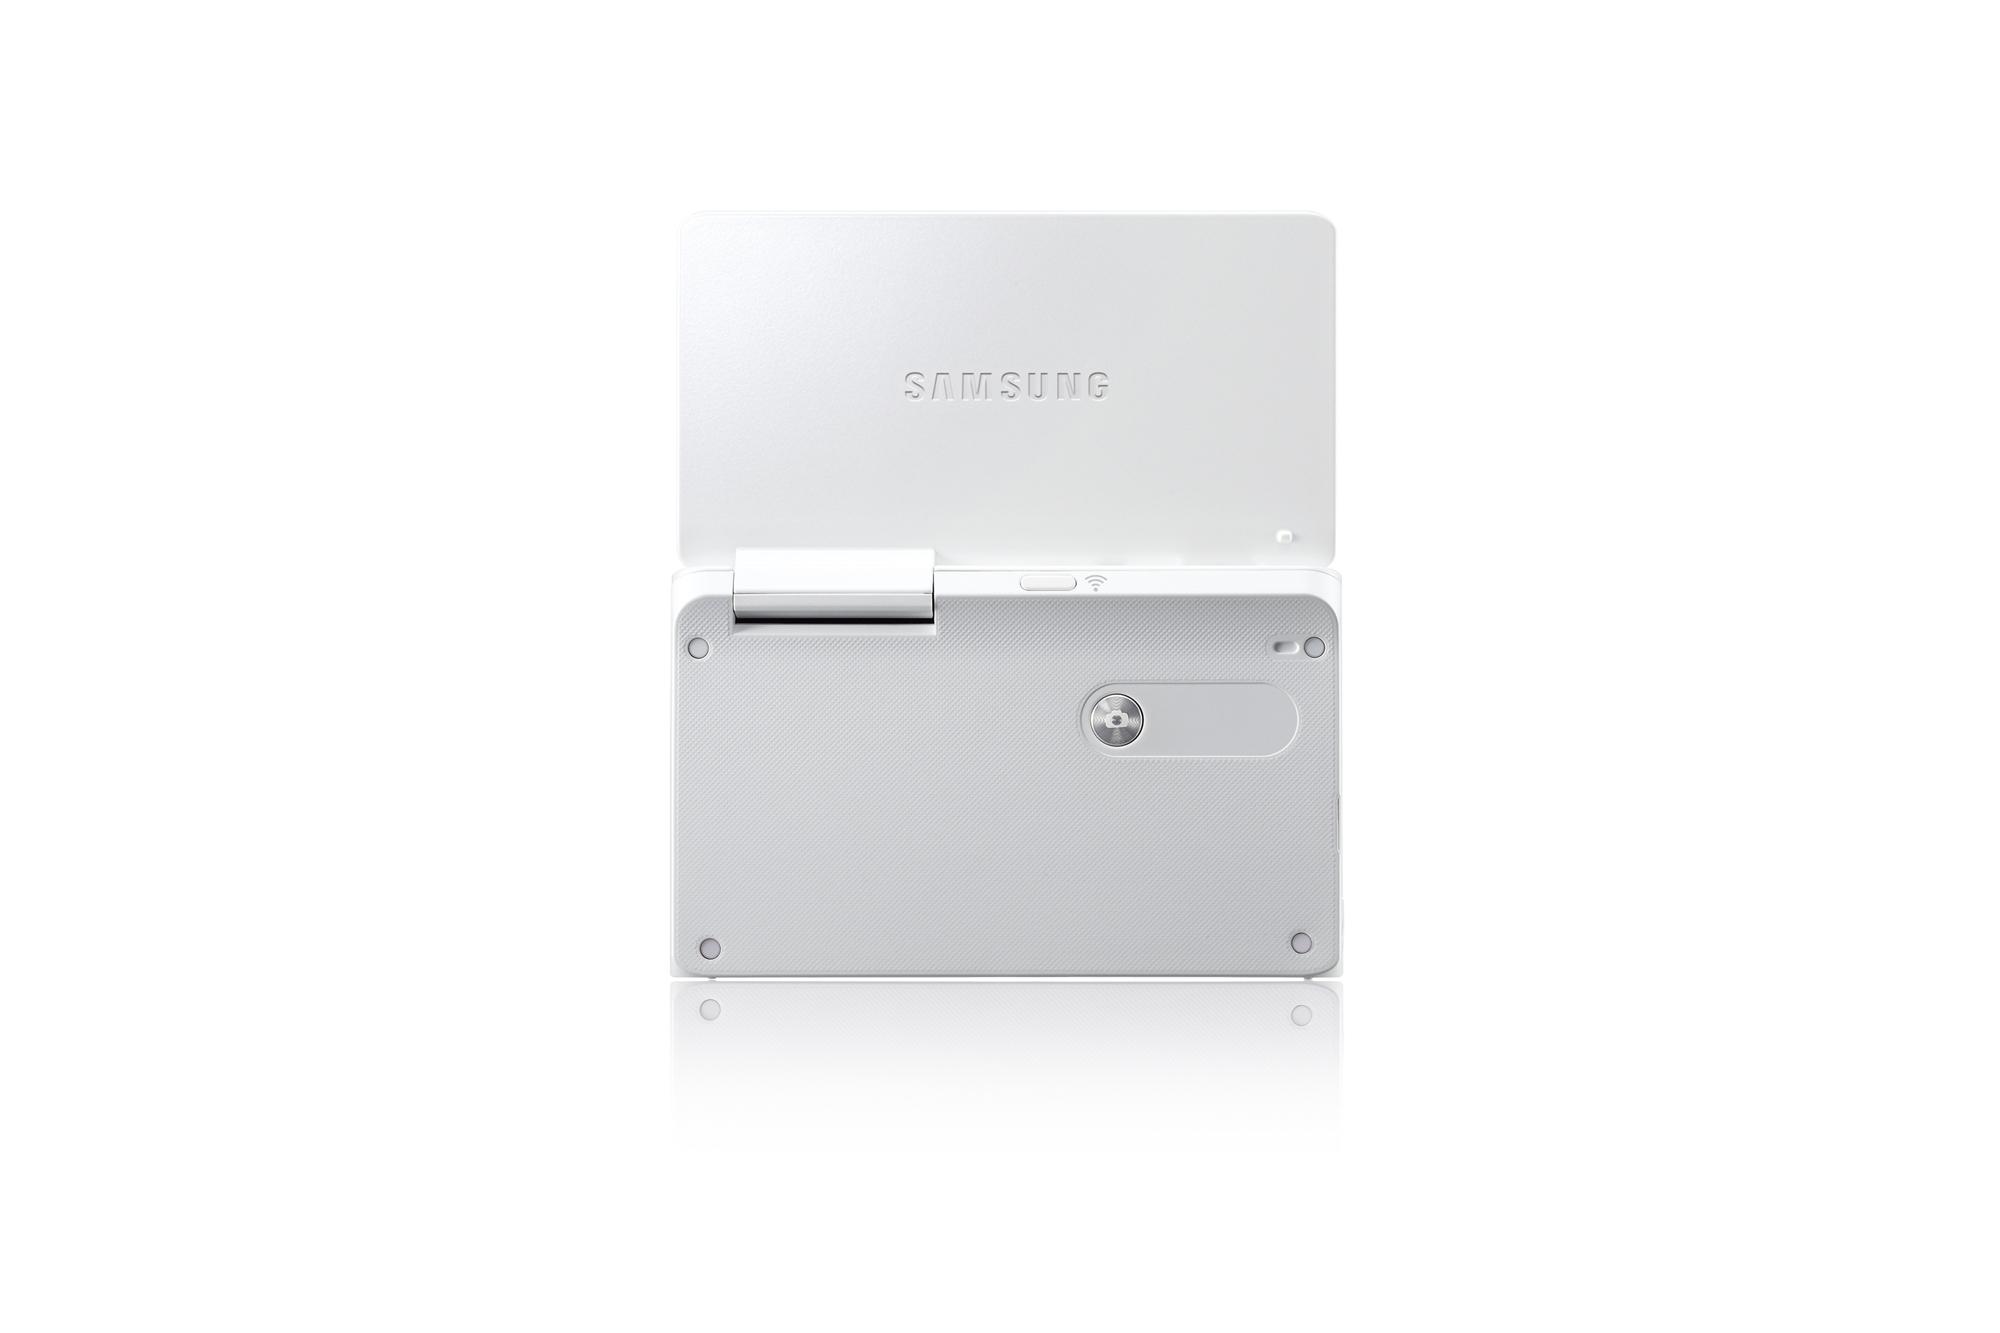 MV900F_white_back2